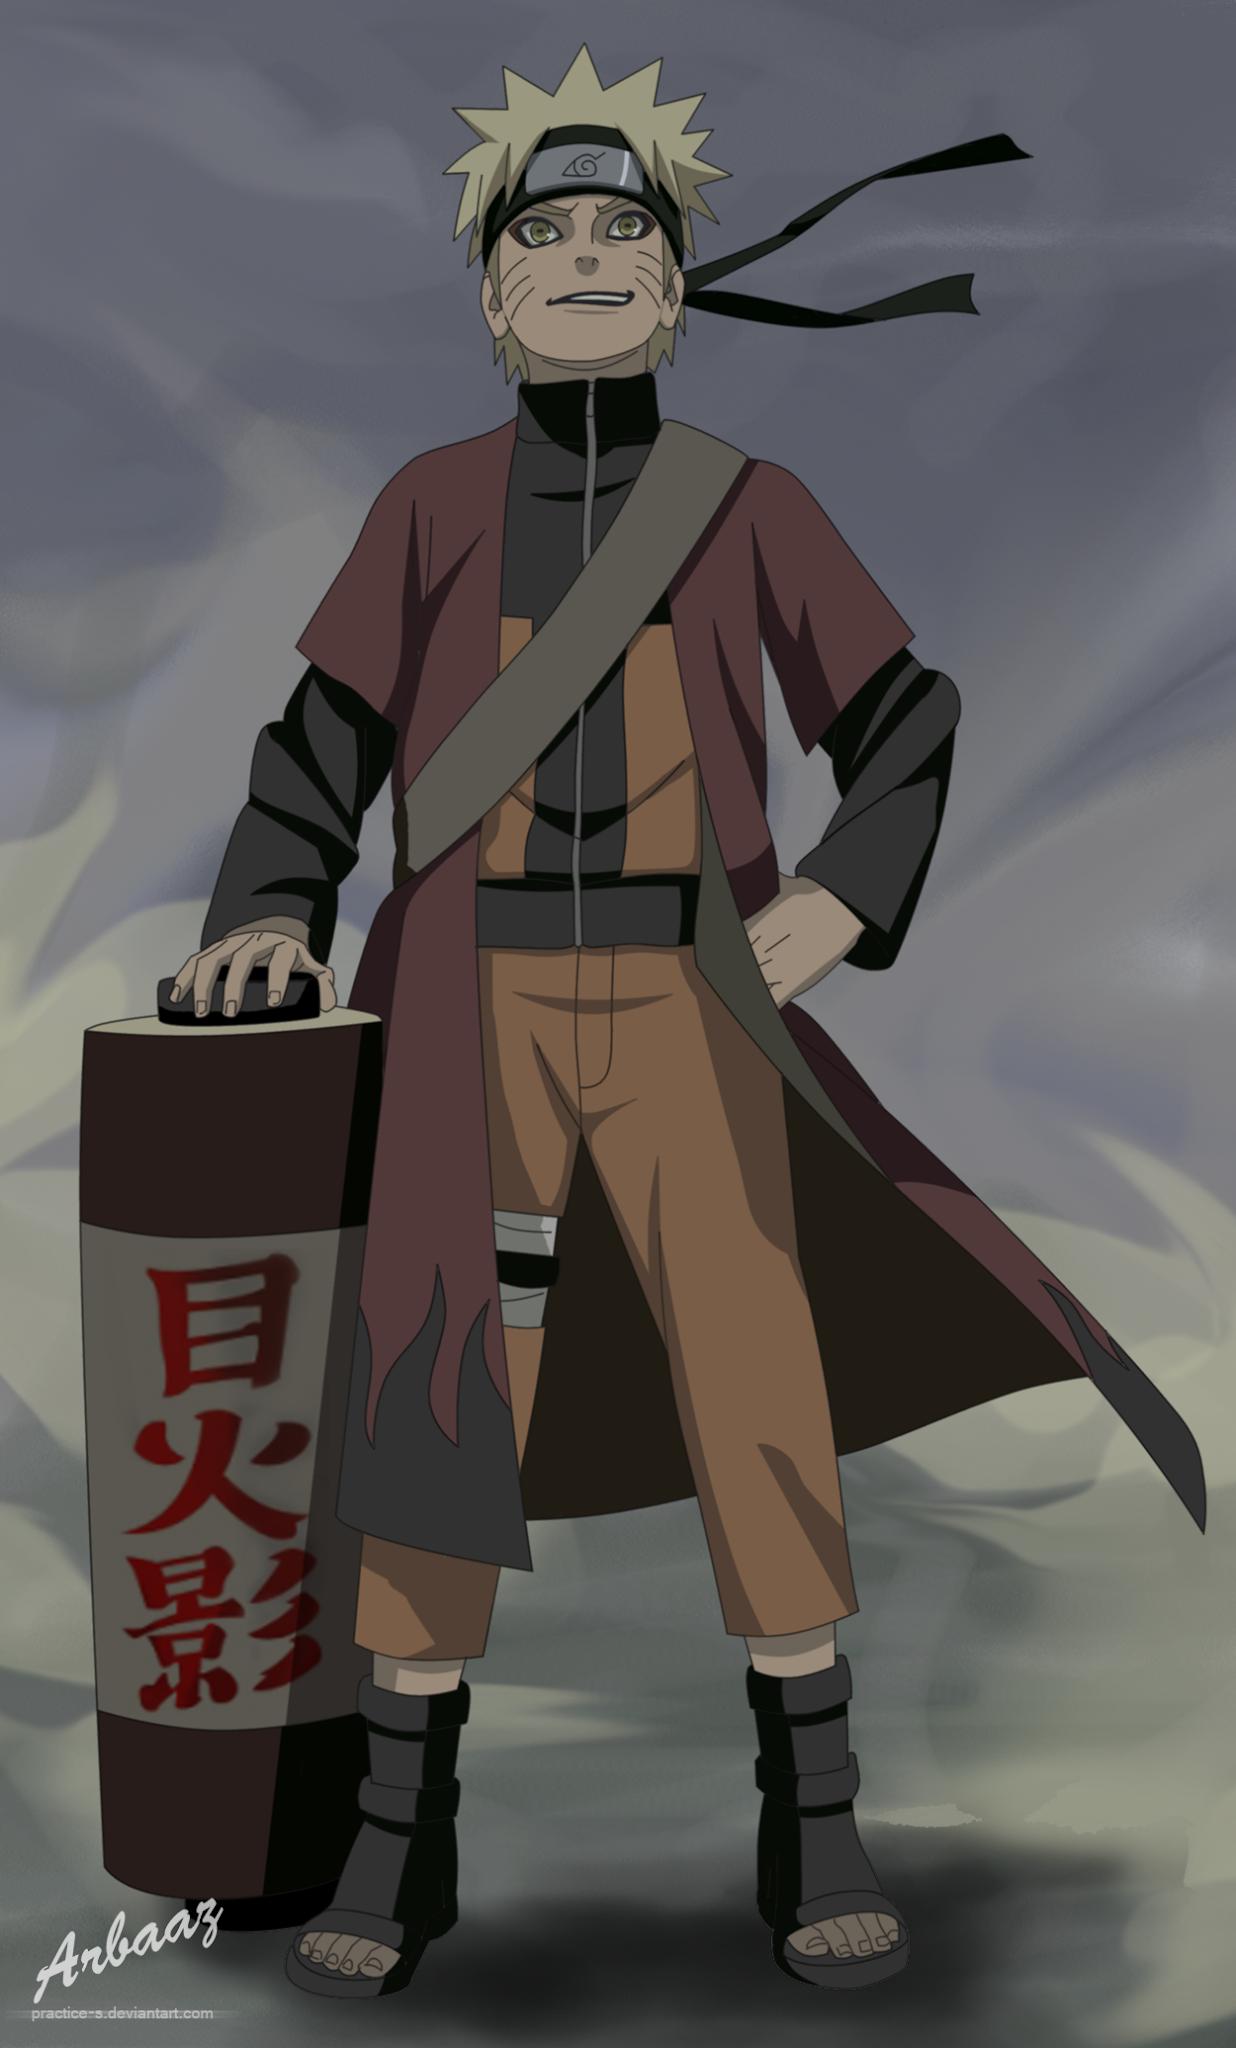 Naruto Wallpaper For Iphone 6 Naruto Shinpuuden Wallpaper